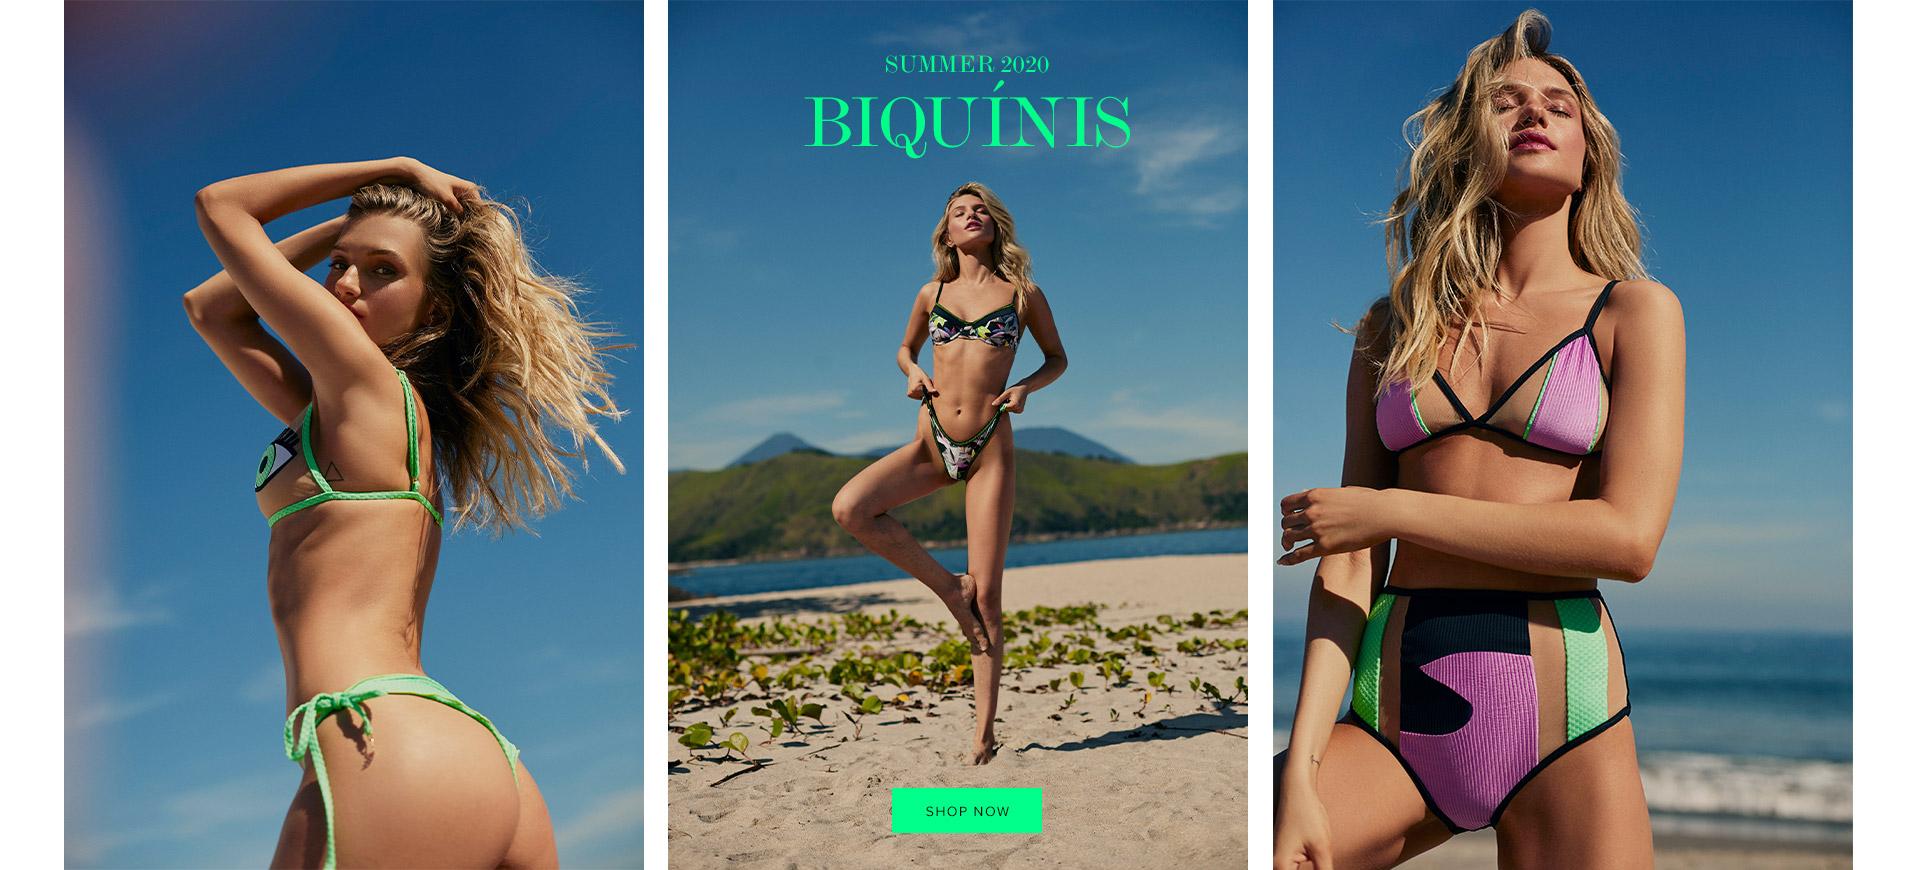 Summer 2020 - Biquinis